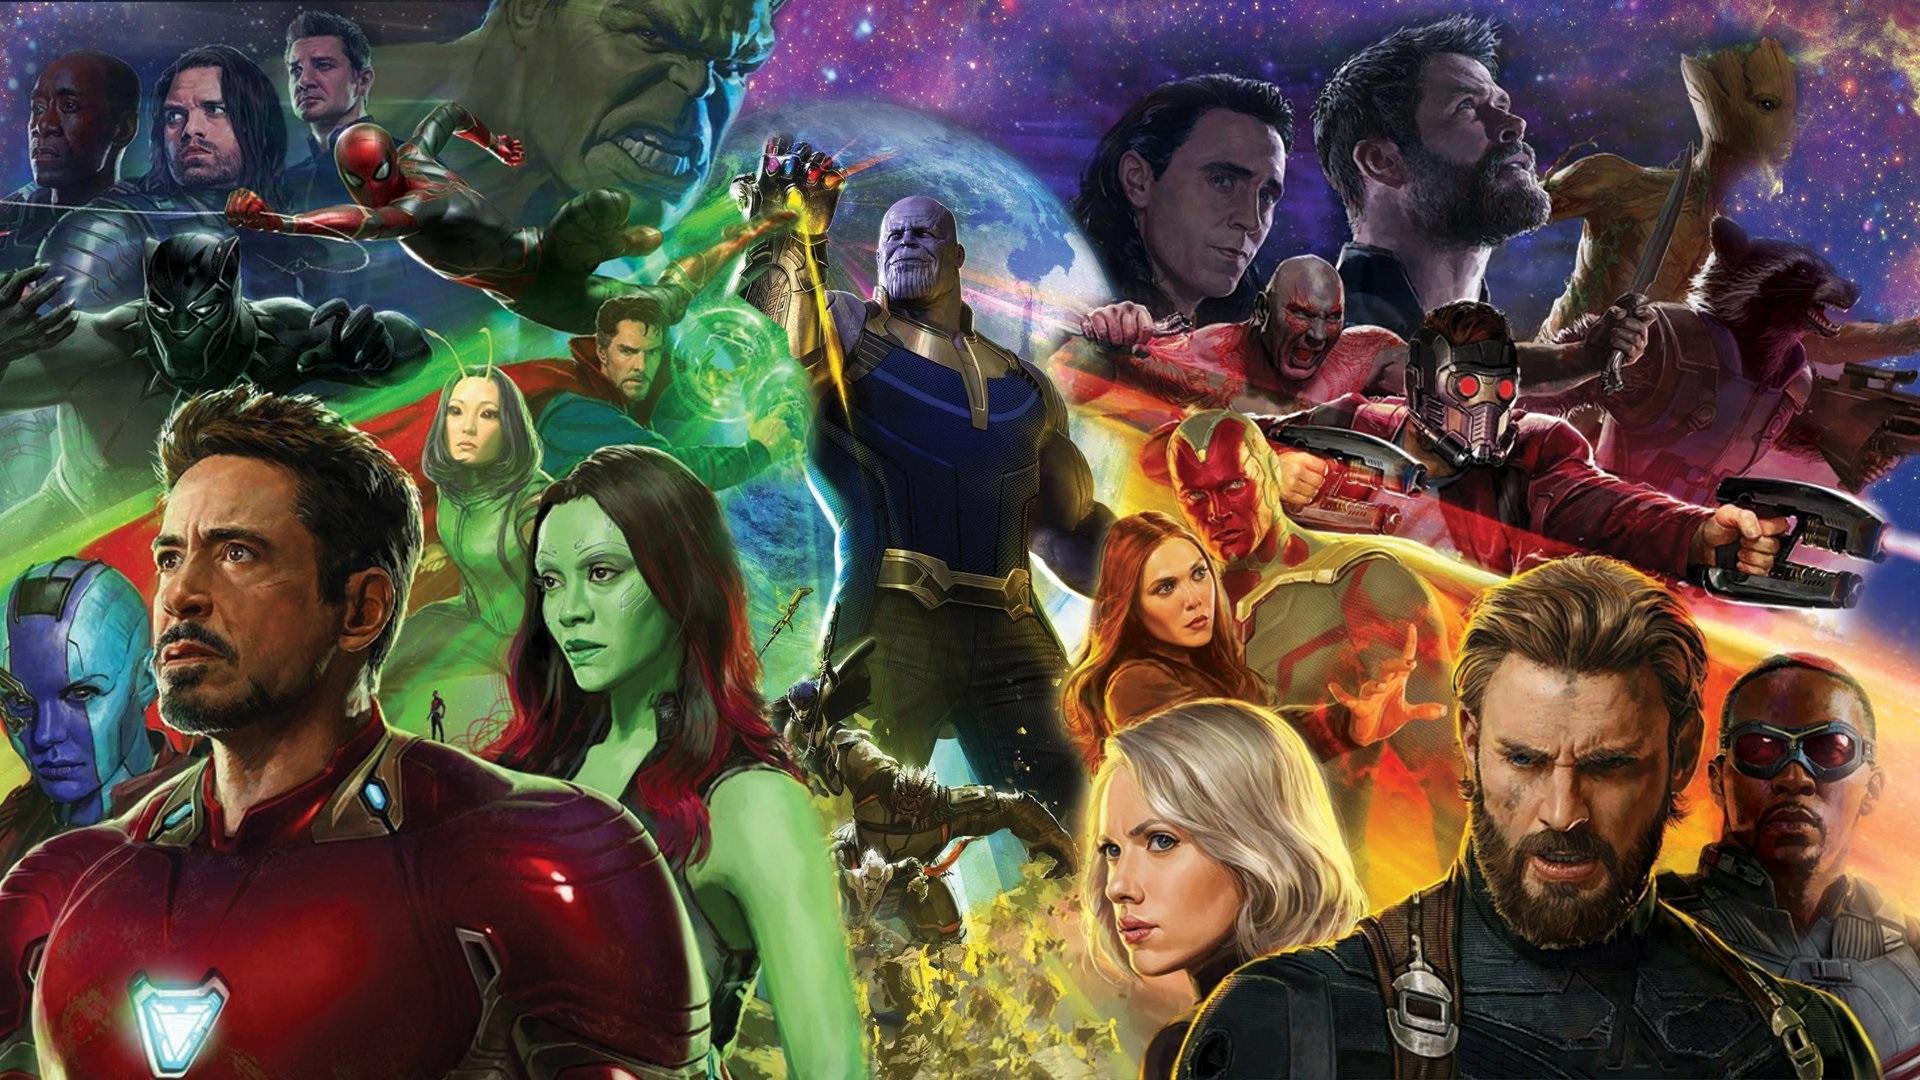 Avengers Infinity War wallpaper 4